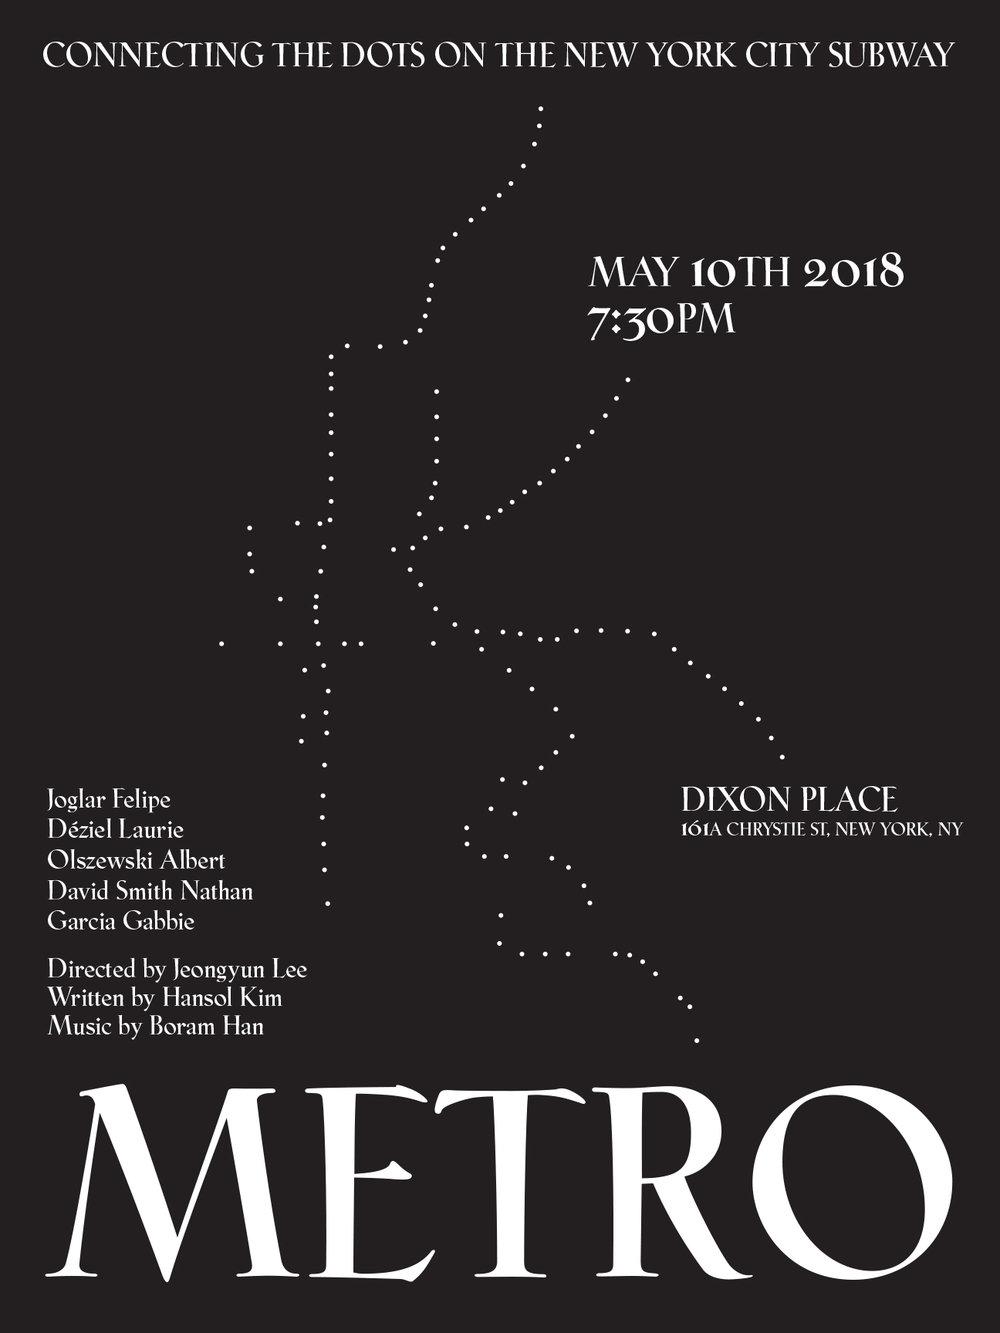 18-05-10_metro-480x640.png